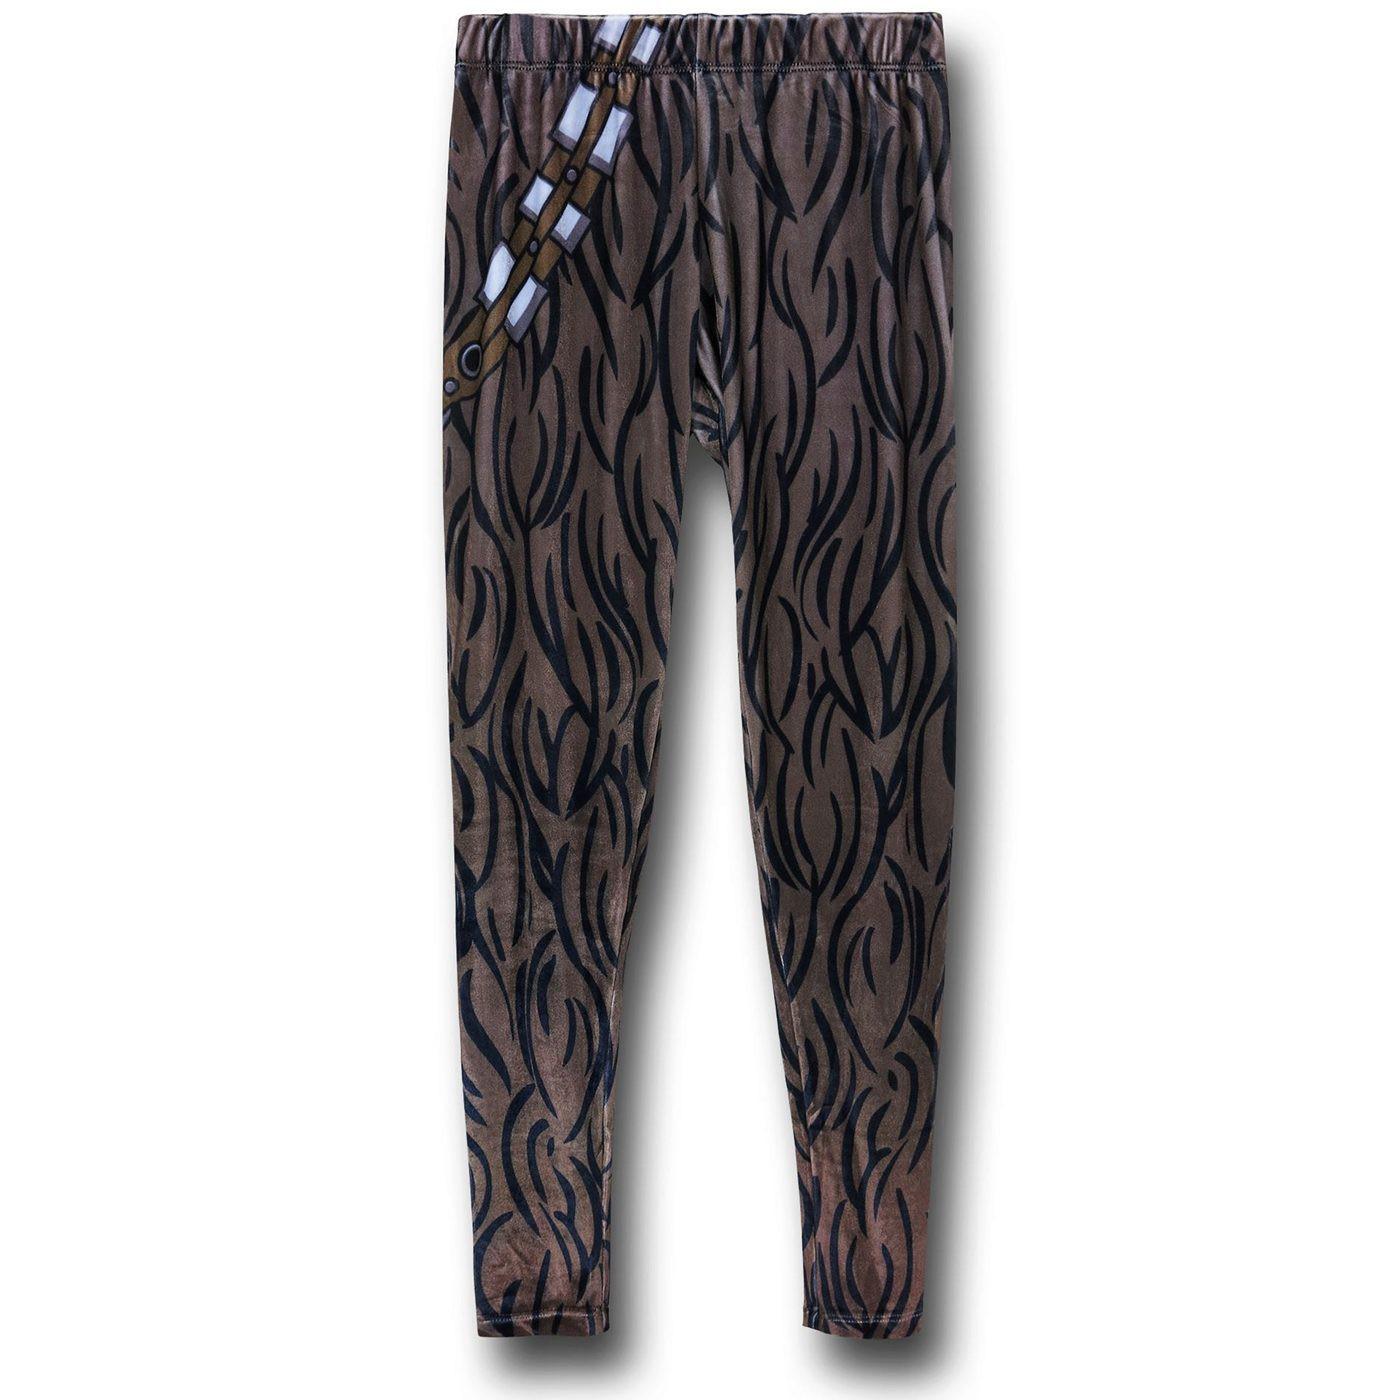 Star Wars Velvet Chewbacca Leggings